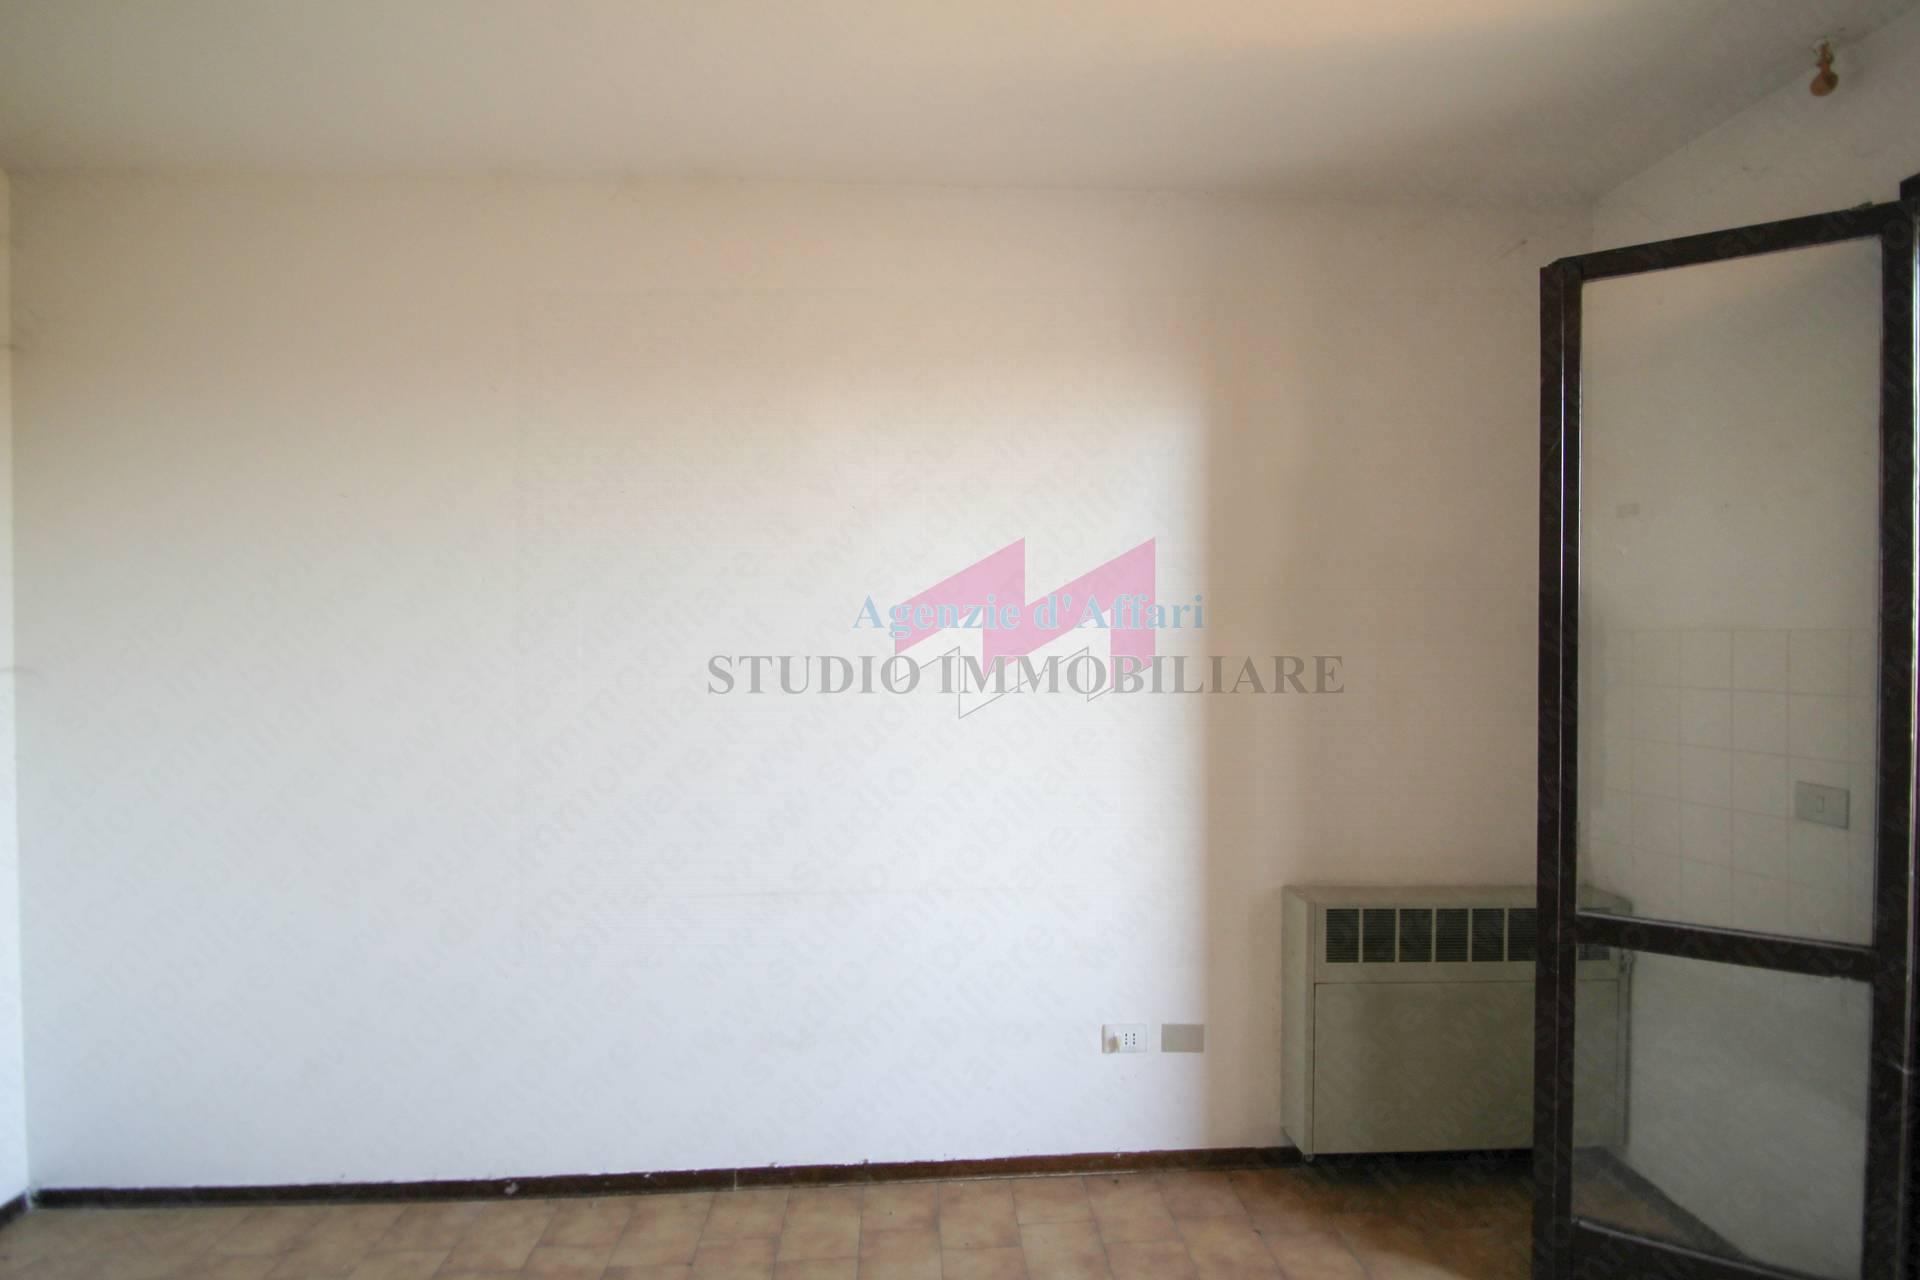 Appartamento in vendita a Sermide, 4 locali, zona sotto, prezzo € 32.000 | PortaleAgenzieImmobiliari.it